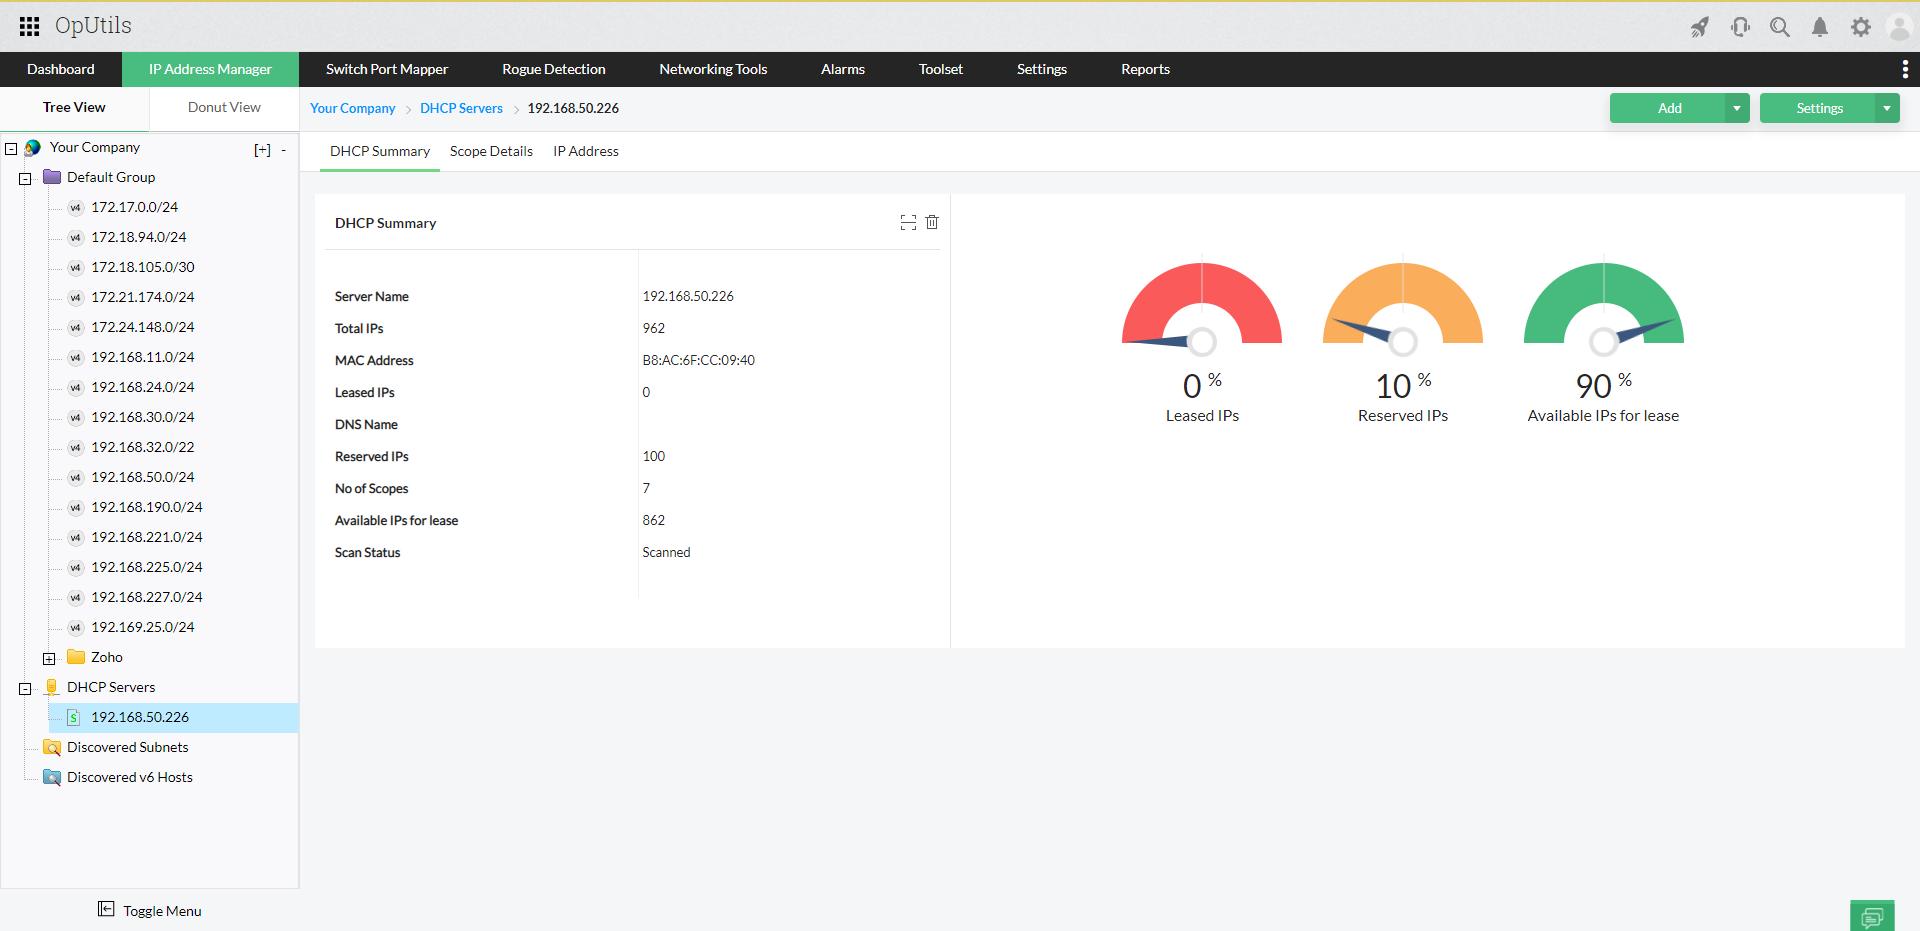 IP Address Tracker Tools - ManageEngine Oputils